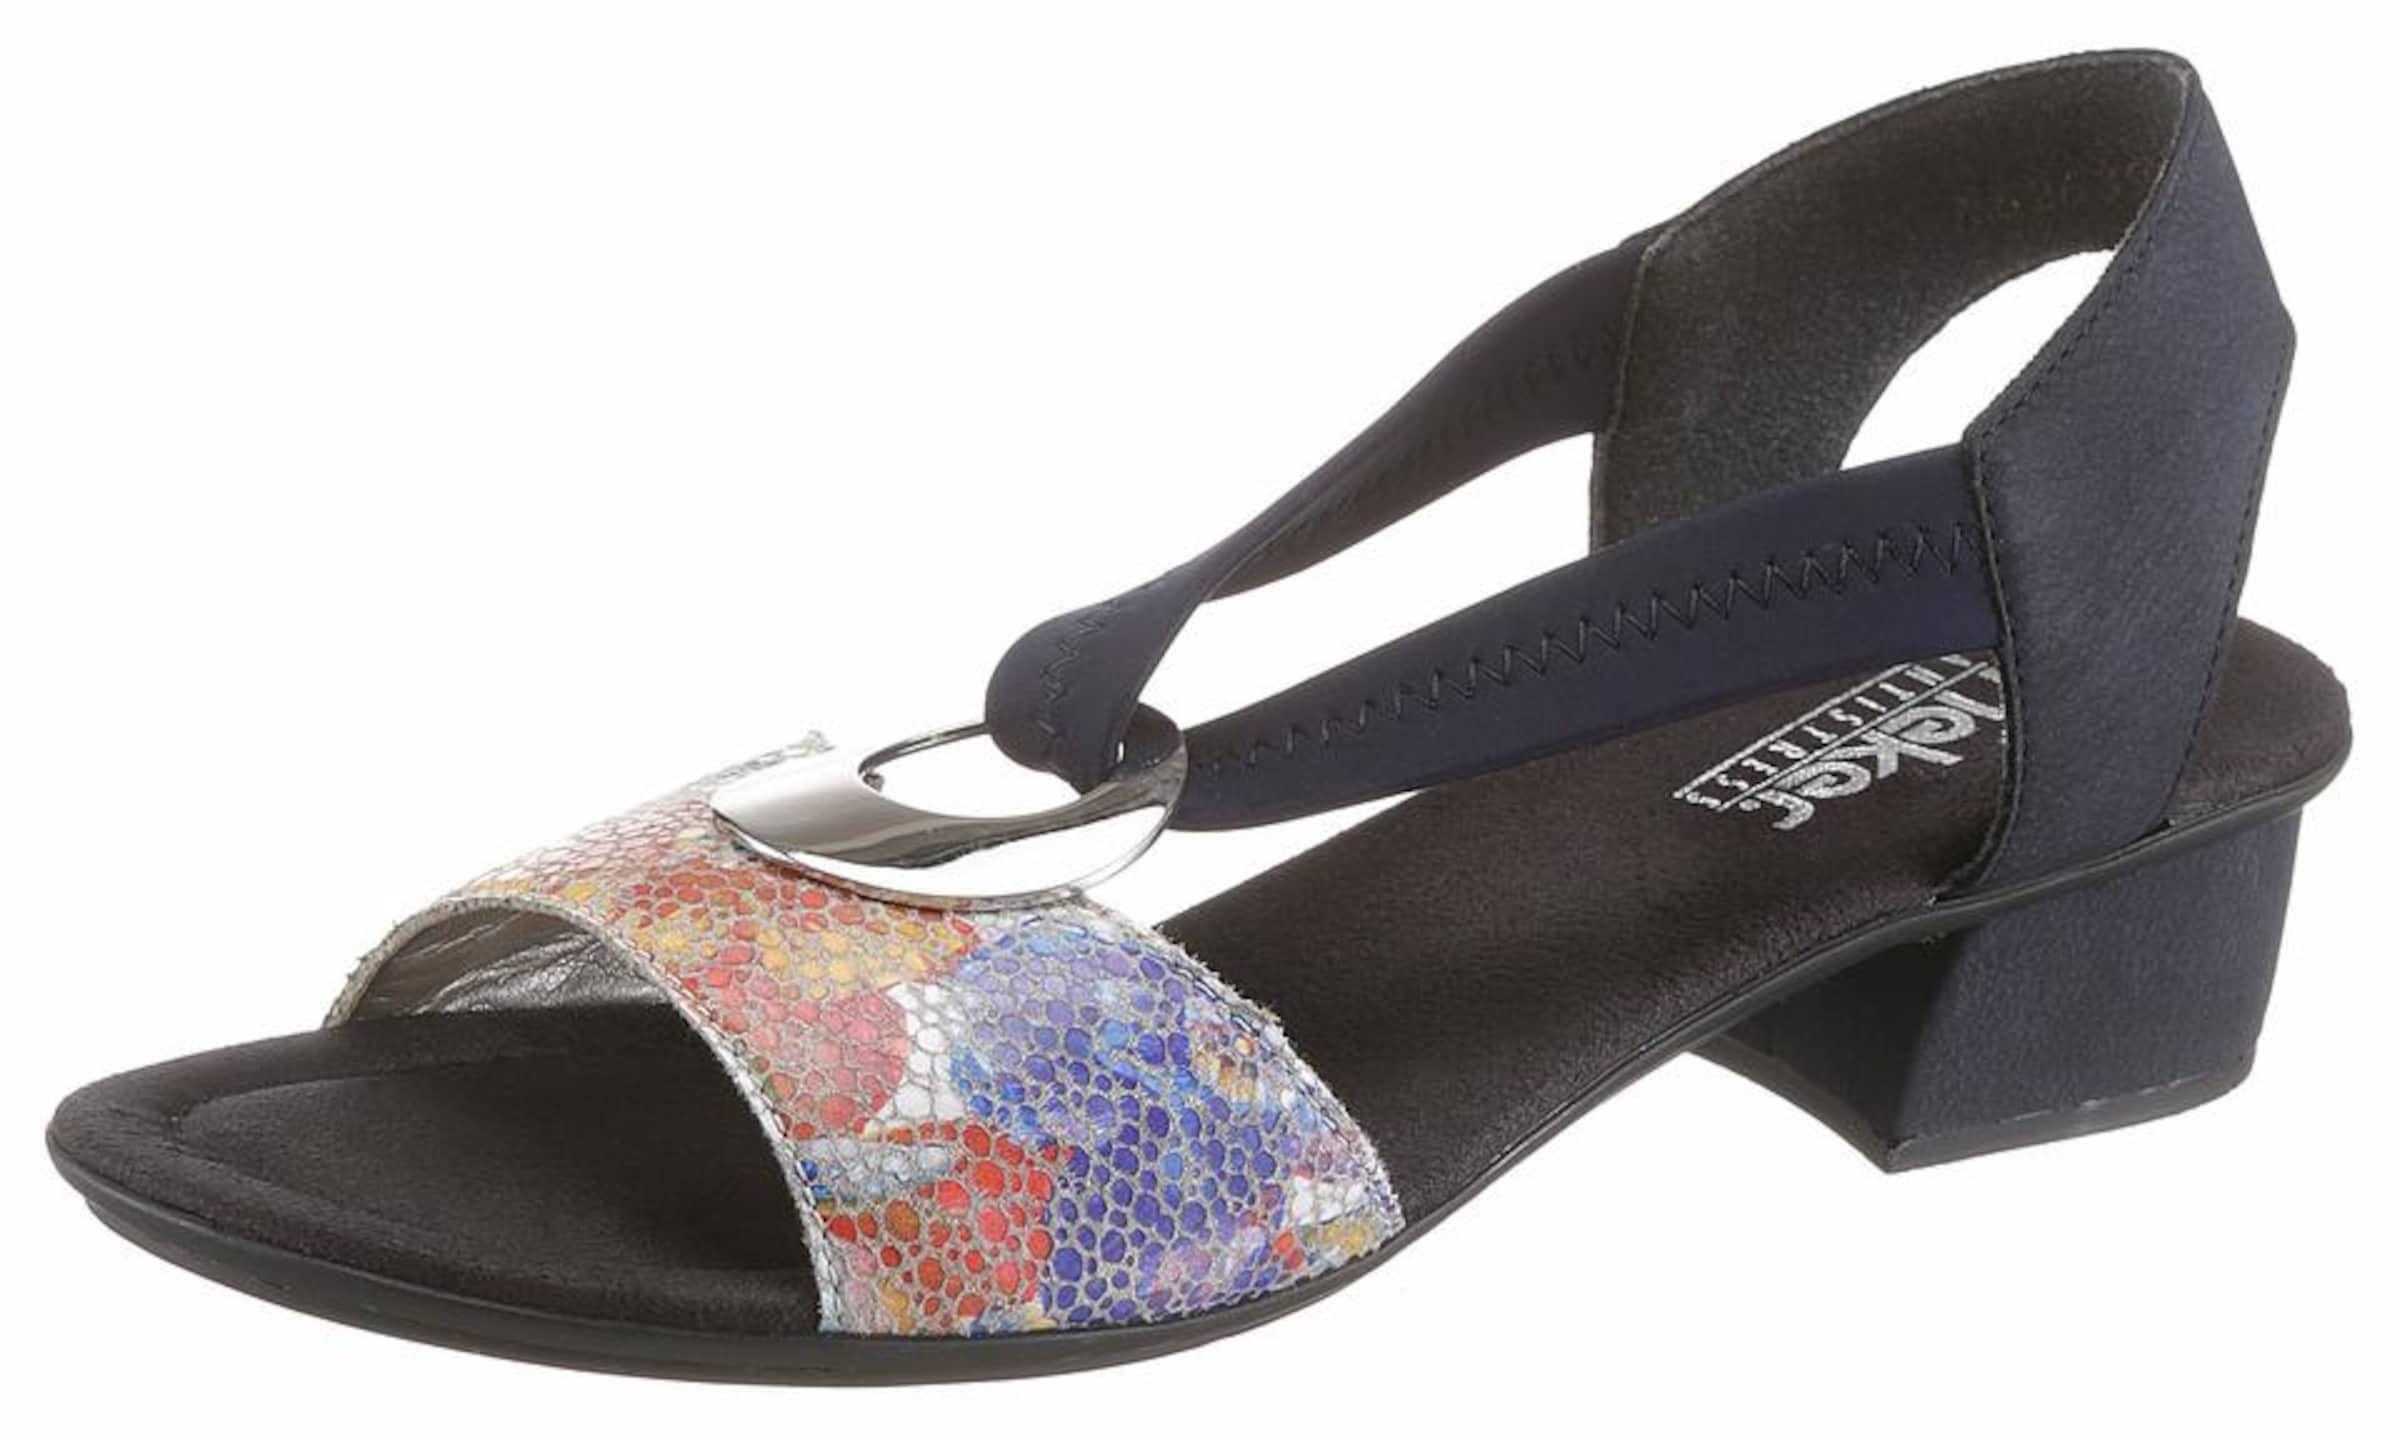 RIEKER Sandalette Verschleißfeste billige Schuhe Hohe Qualität